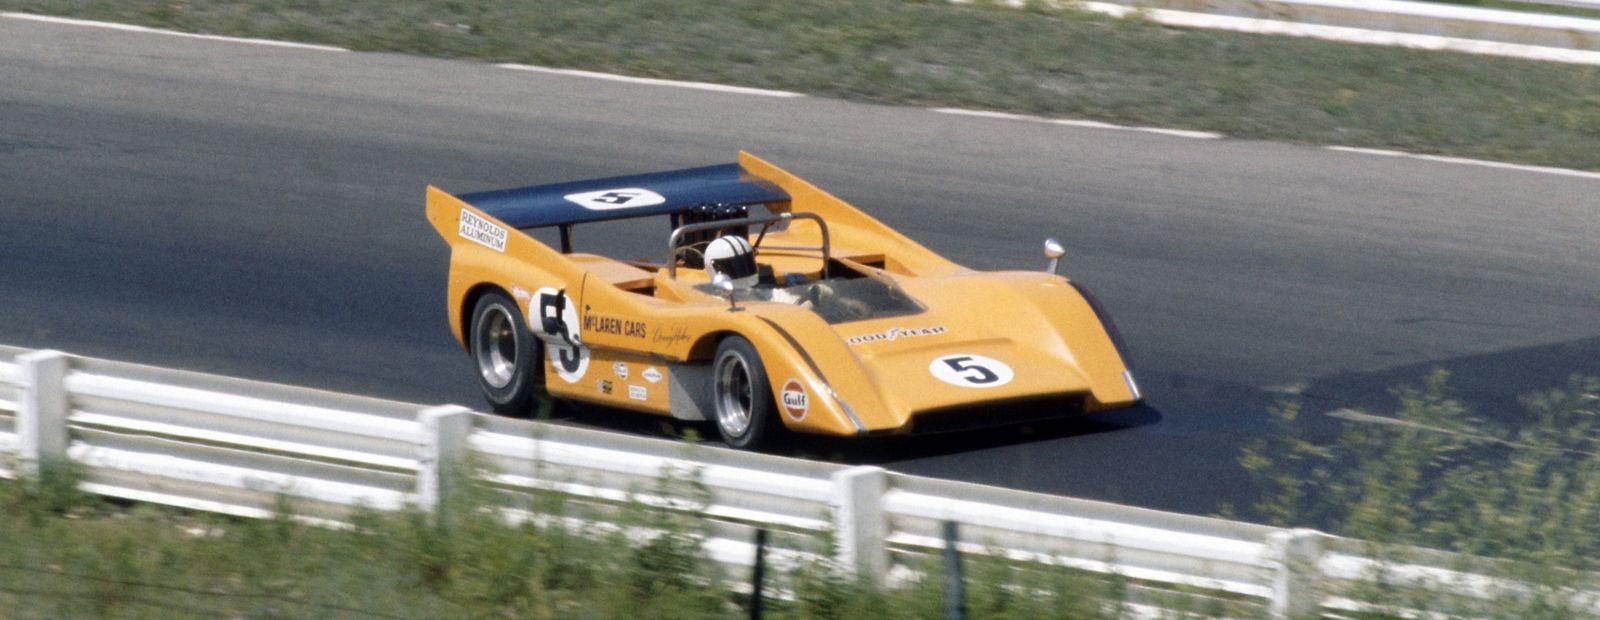 Can Am Car >> Mclaren Racing Heritage M8d